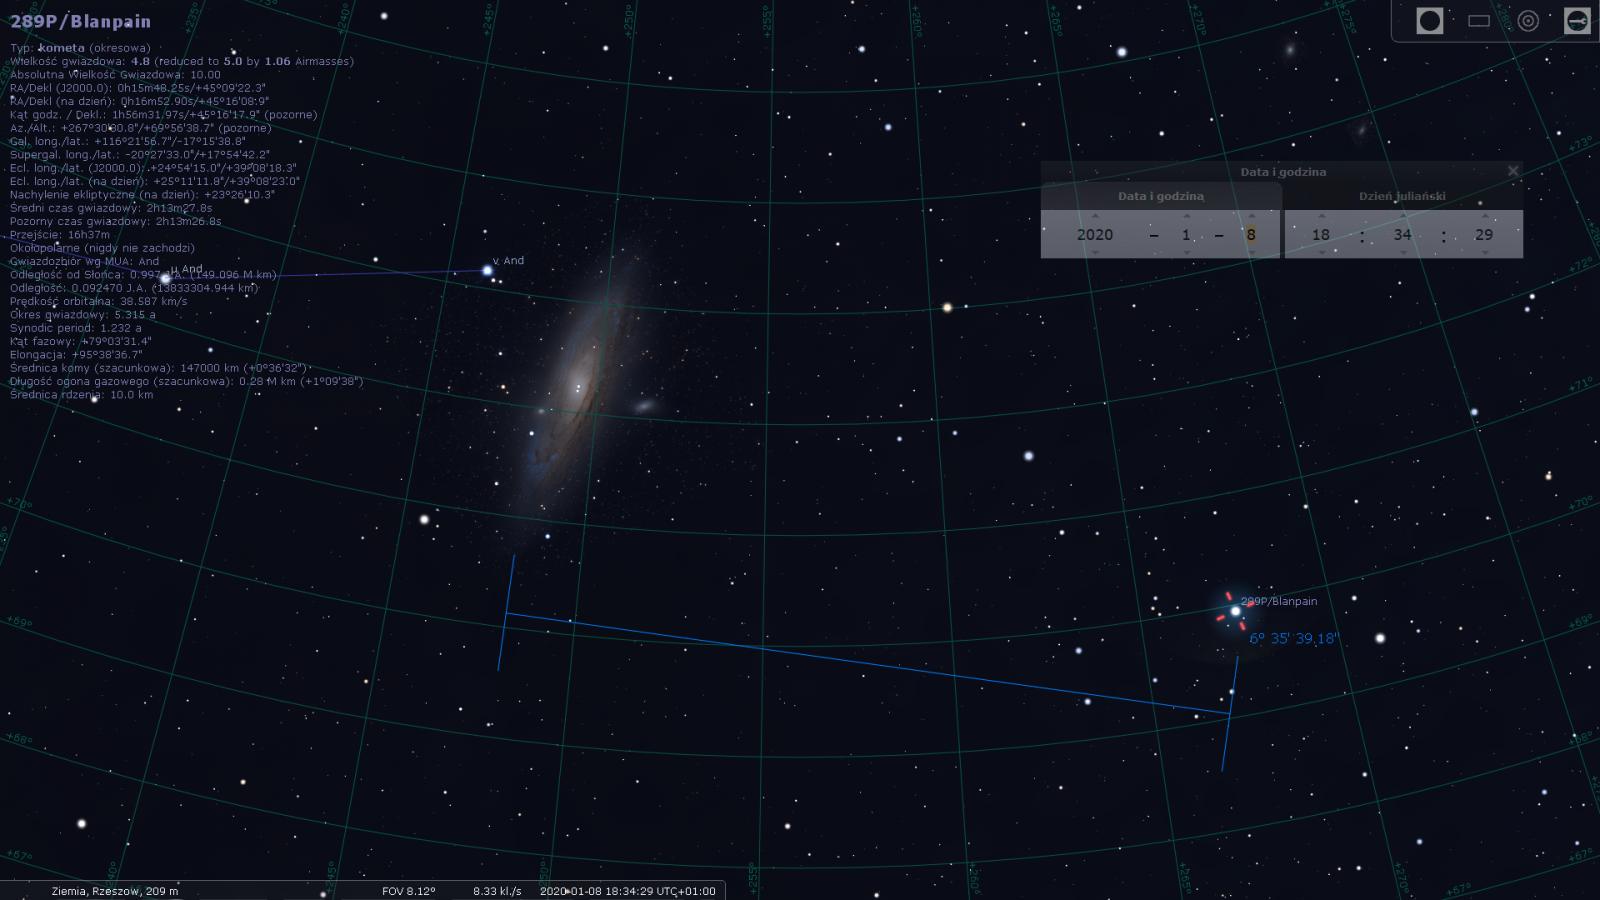 stellarium-012.png